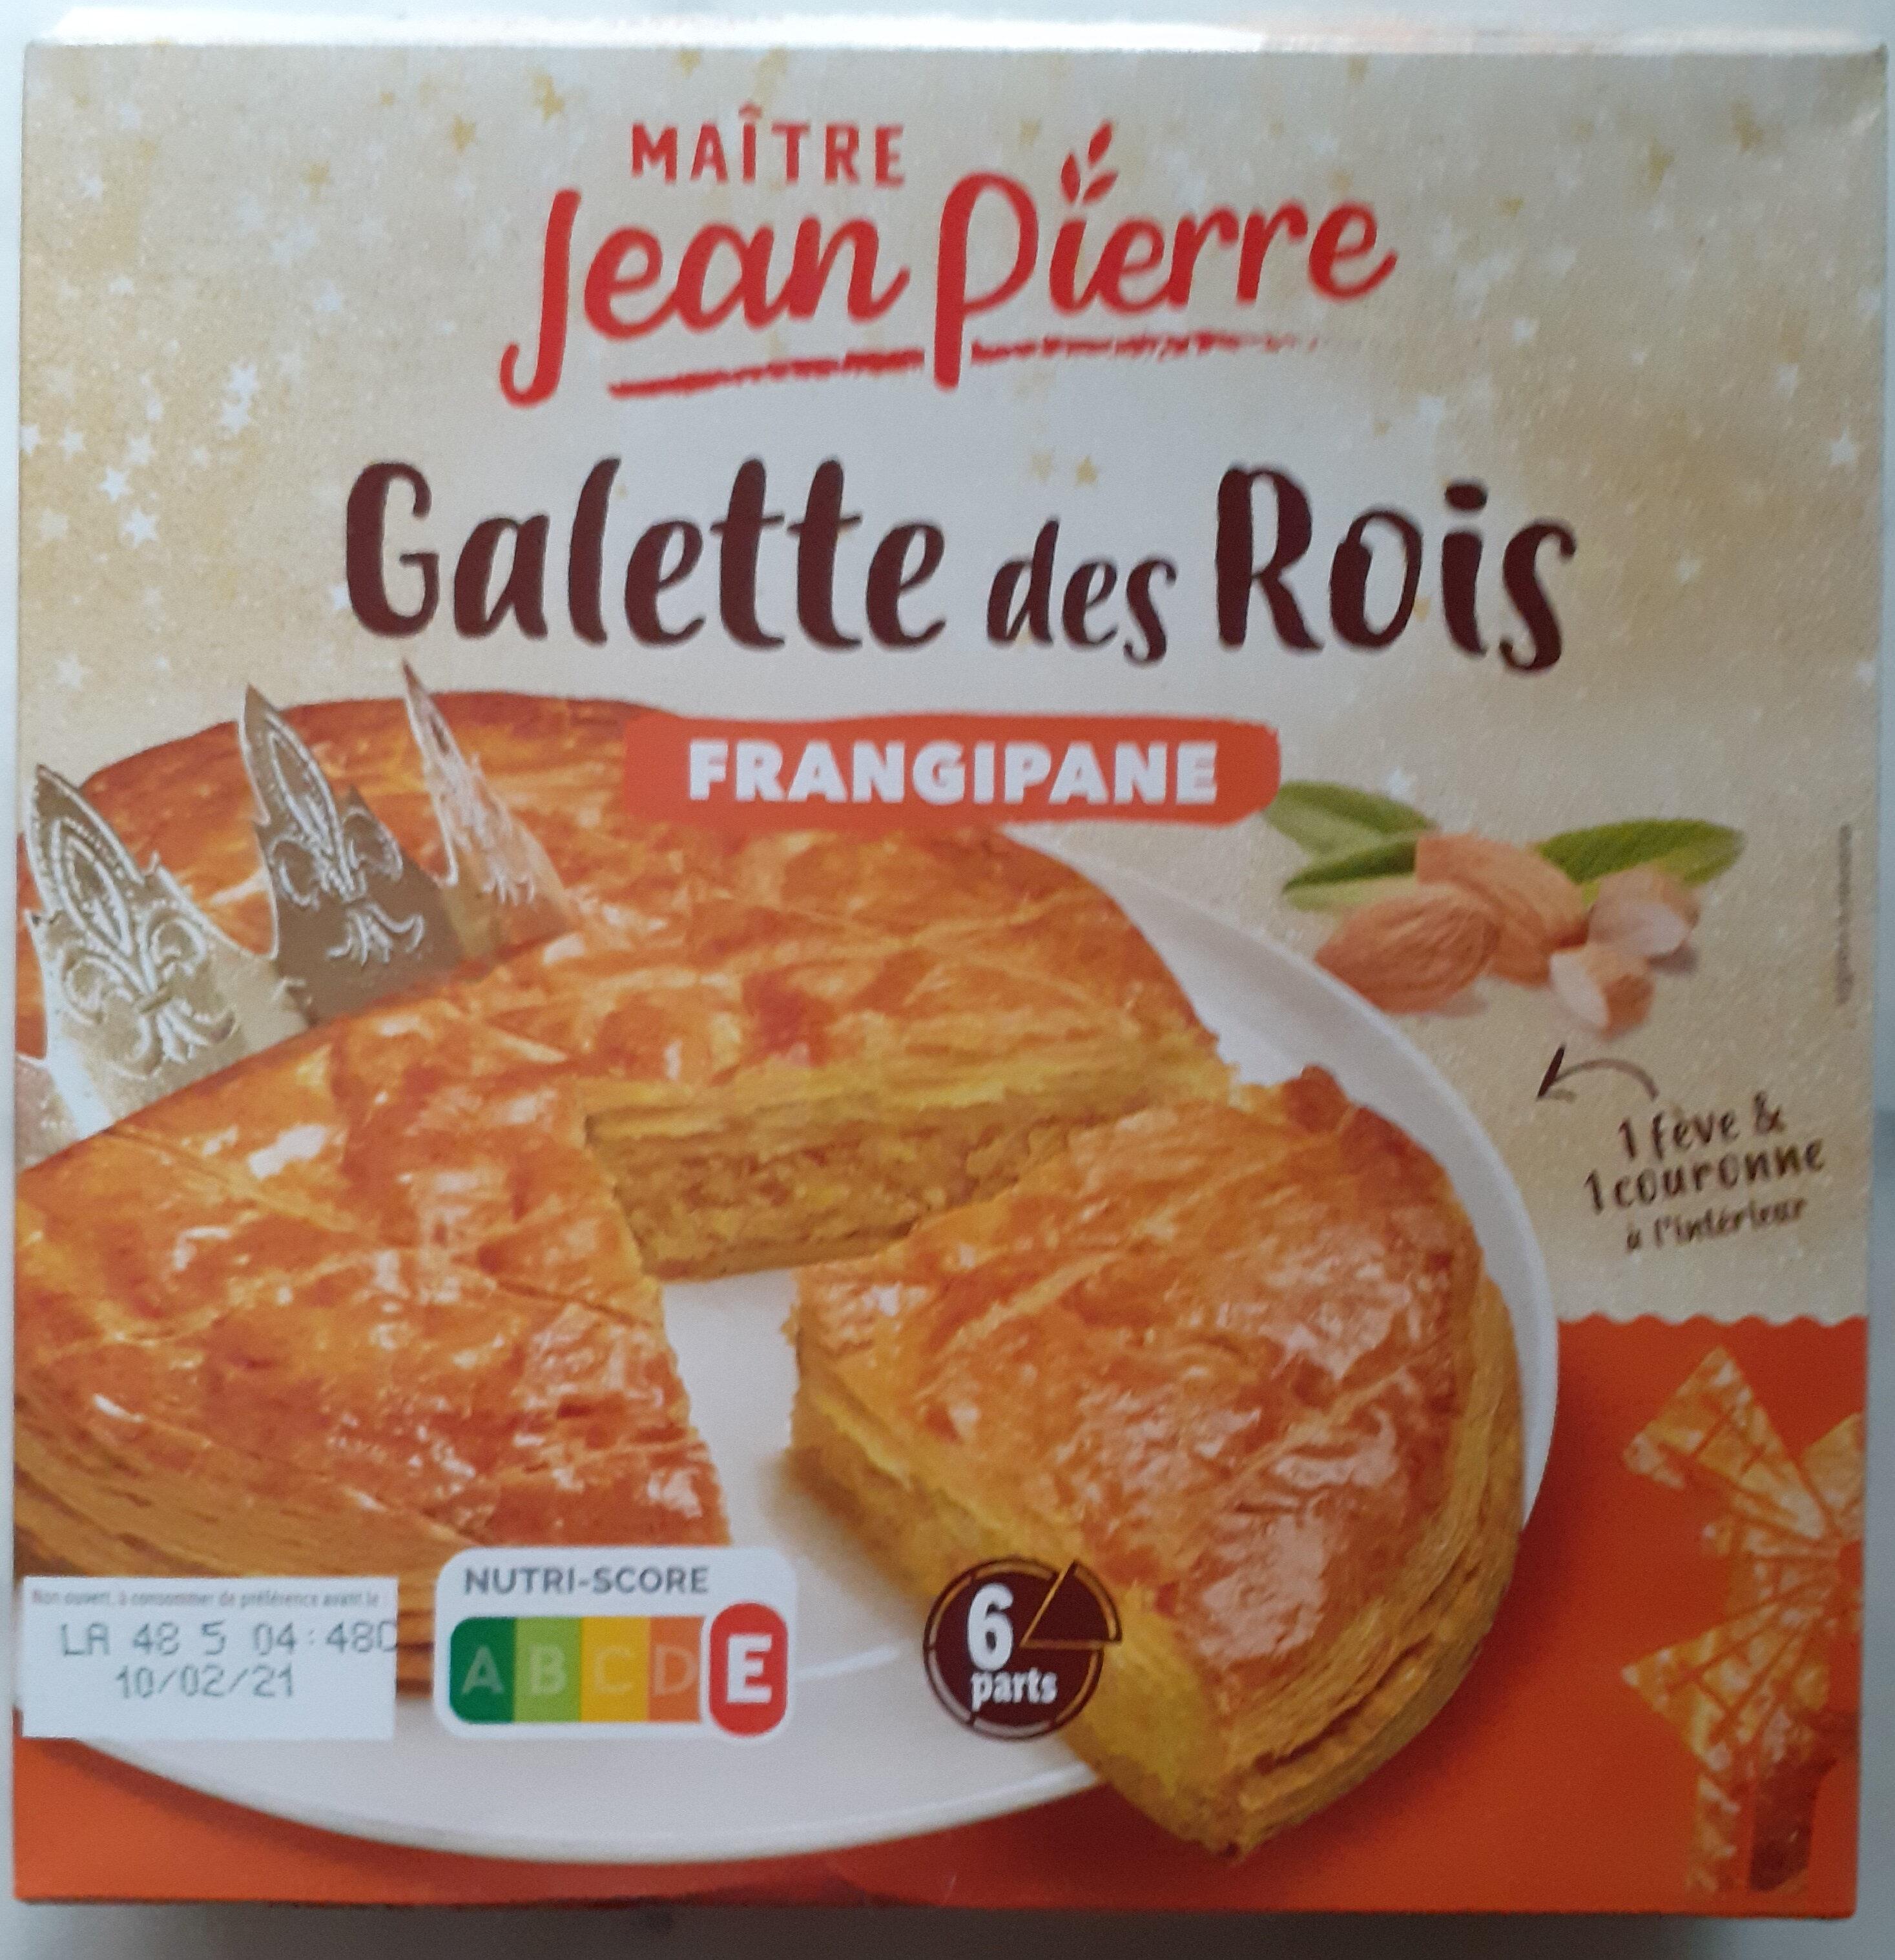 Galette des rois à la frangipane - Produit - fr